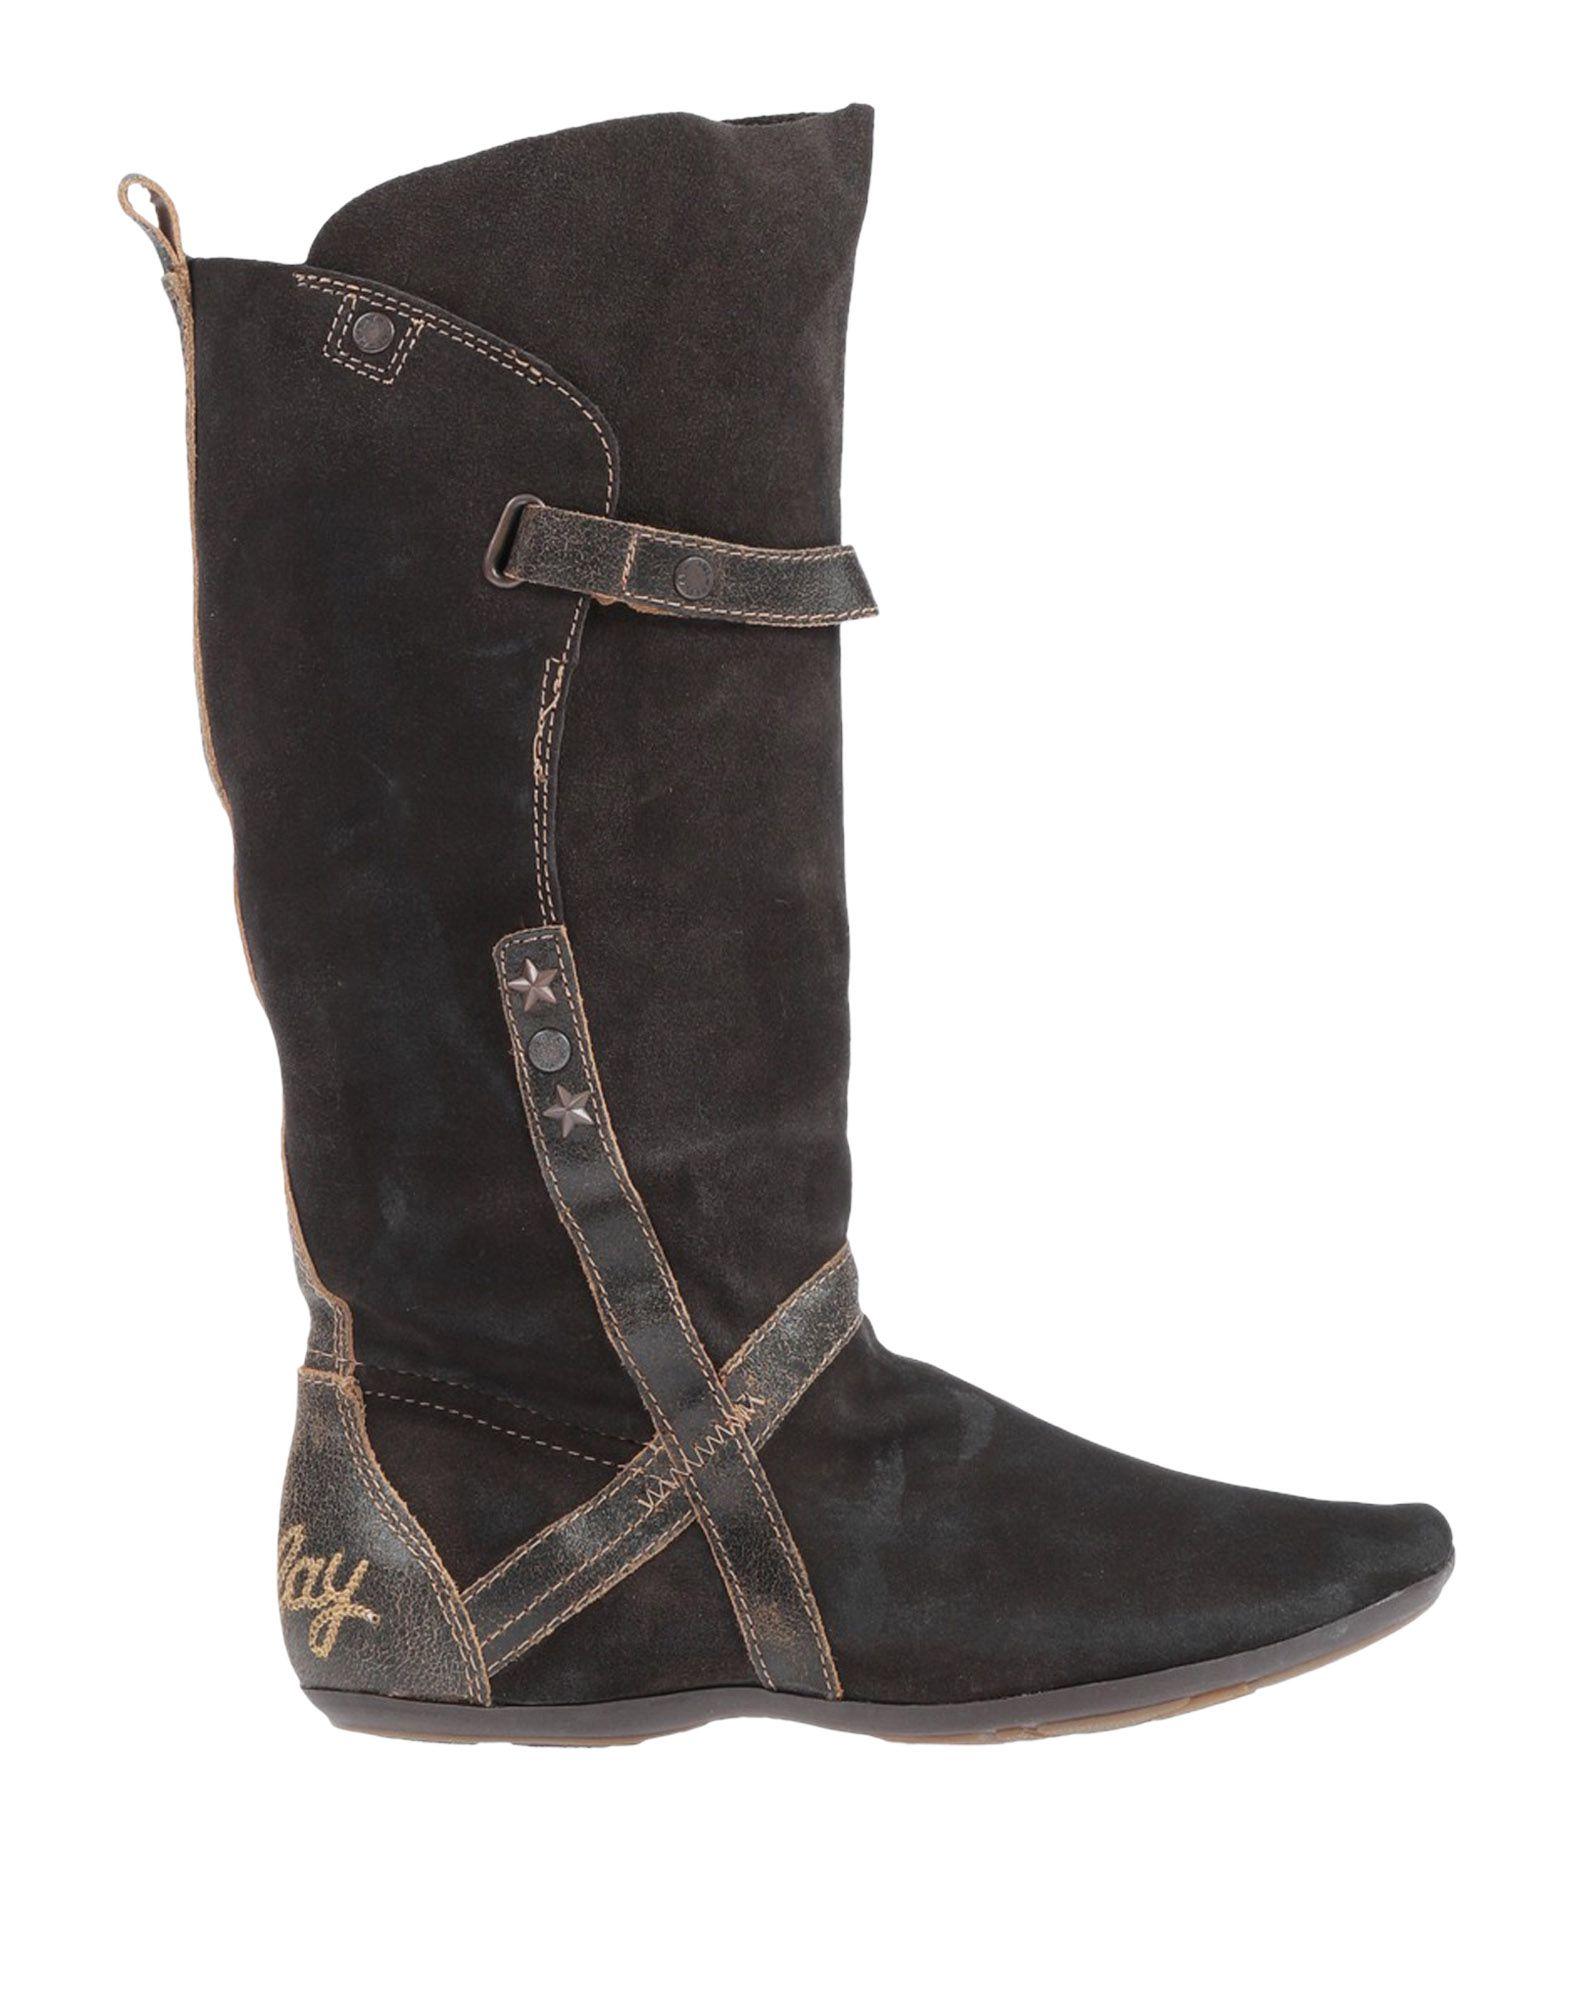 Replay Stiefel Damen  11539331RW Gute Qualität beliebte Schuhe